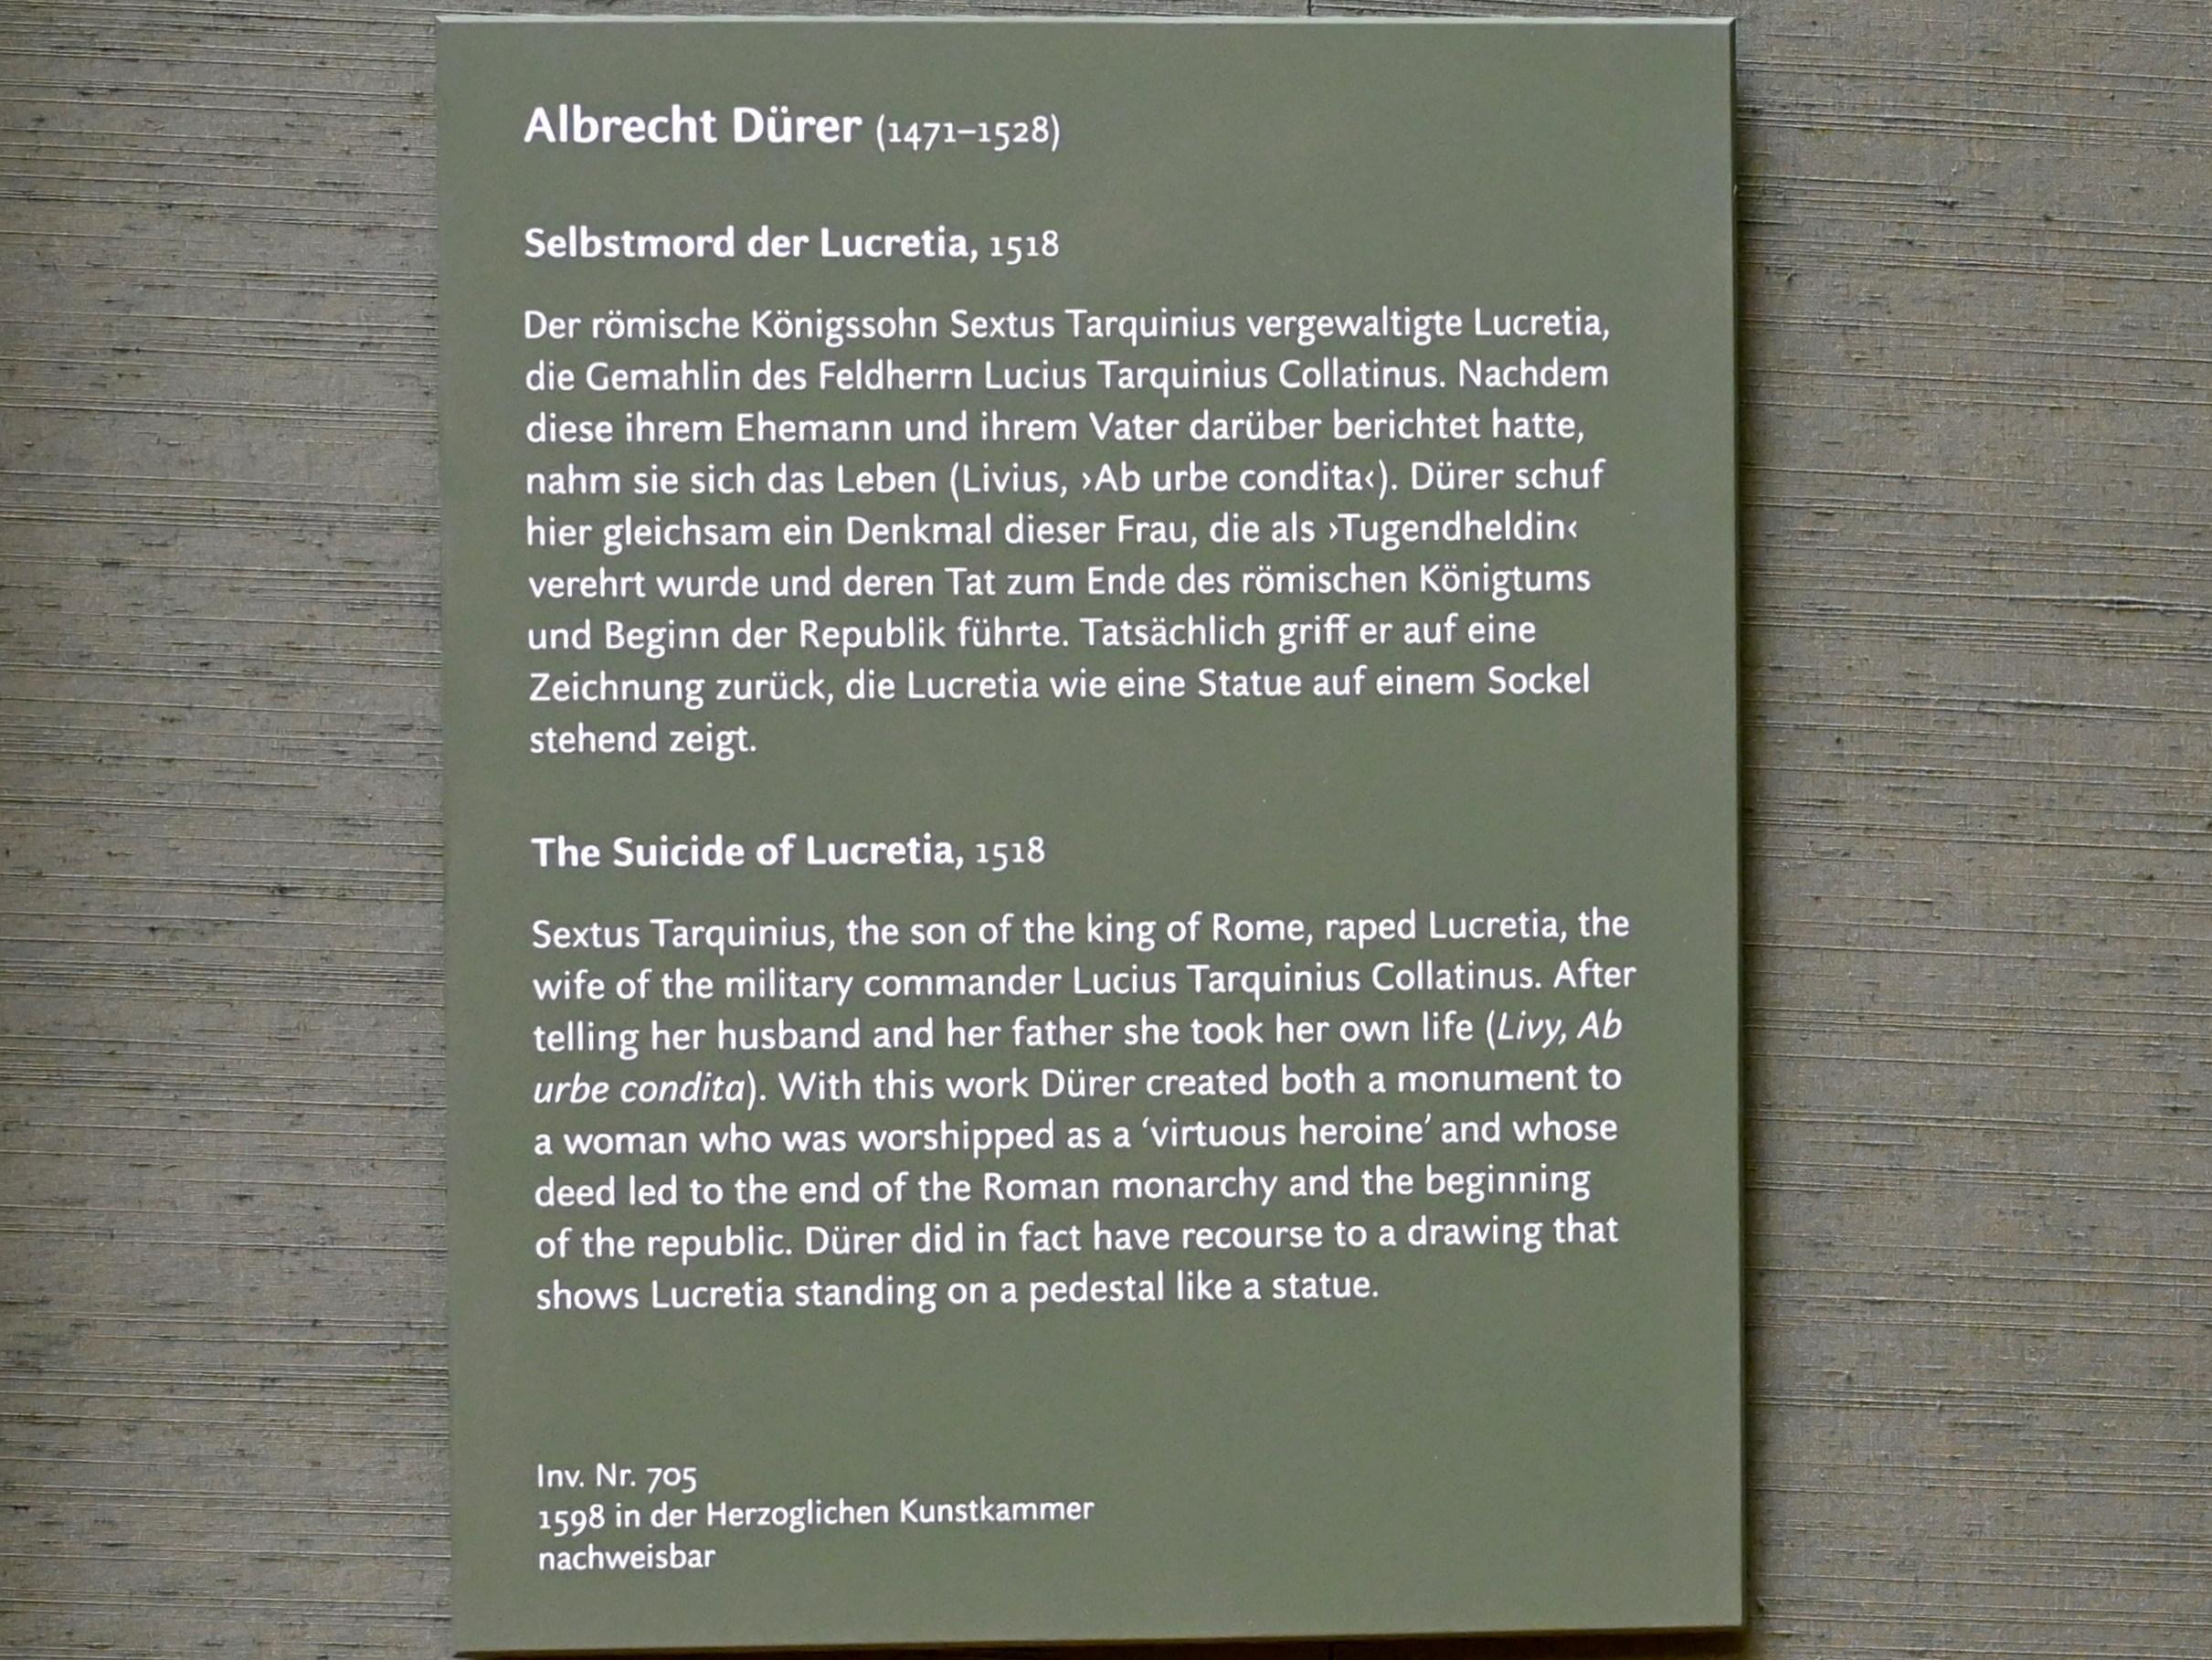 Albrecht Dürer: Selbstmord der Lucretia, 1518, Bild 2/2